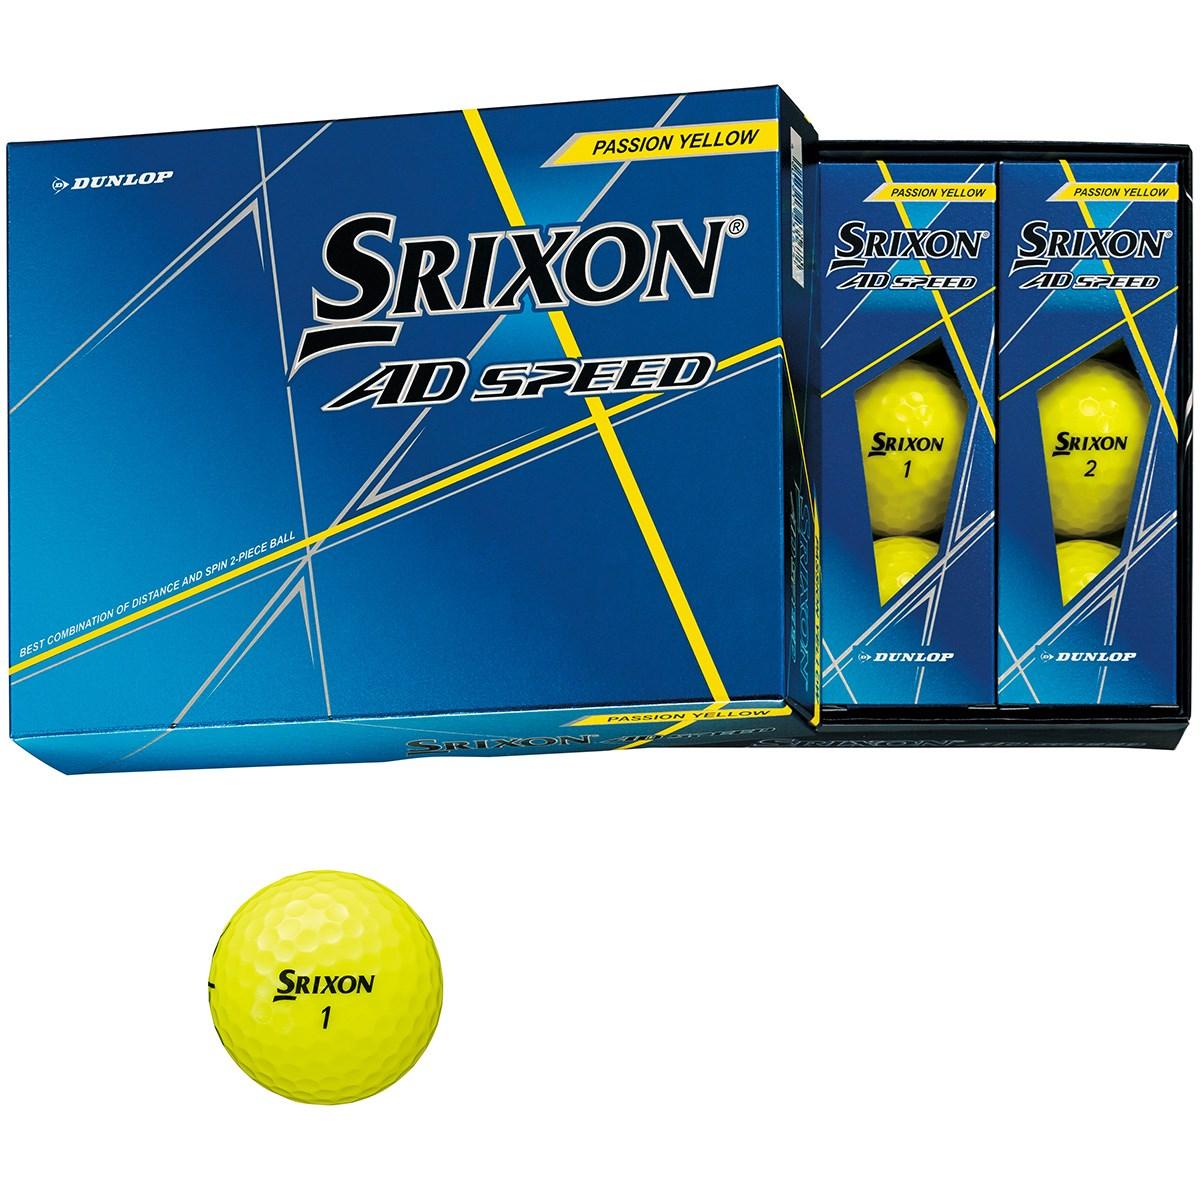 ダンロップ SRIXON スリクソン AD SPEED ボール 3ダースセット 3ダース(36個入り) パッションイエロー